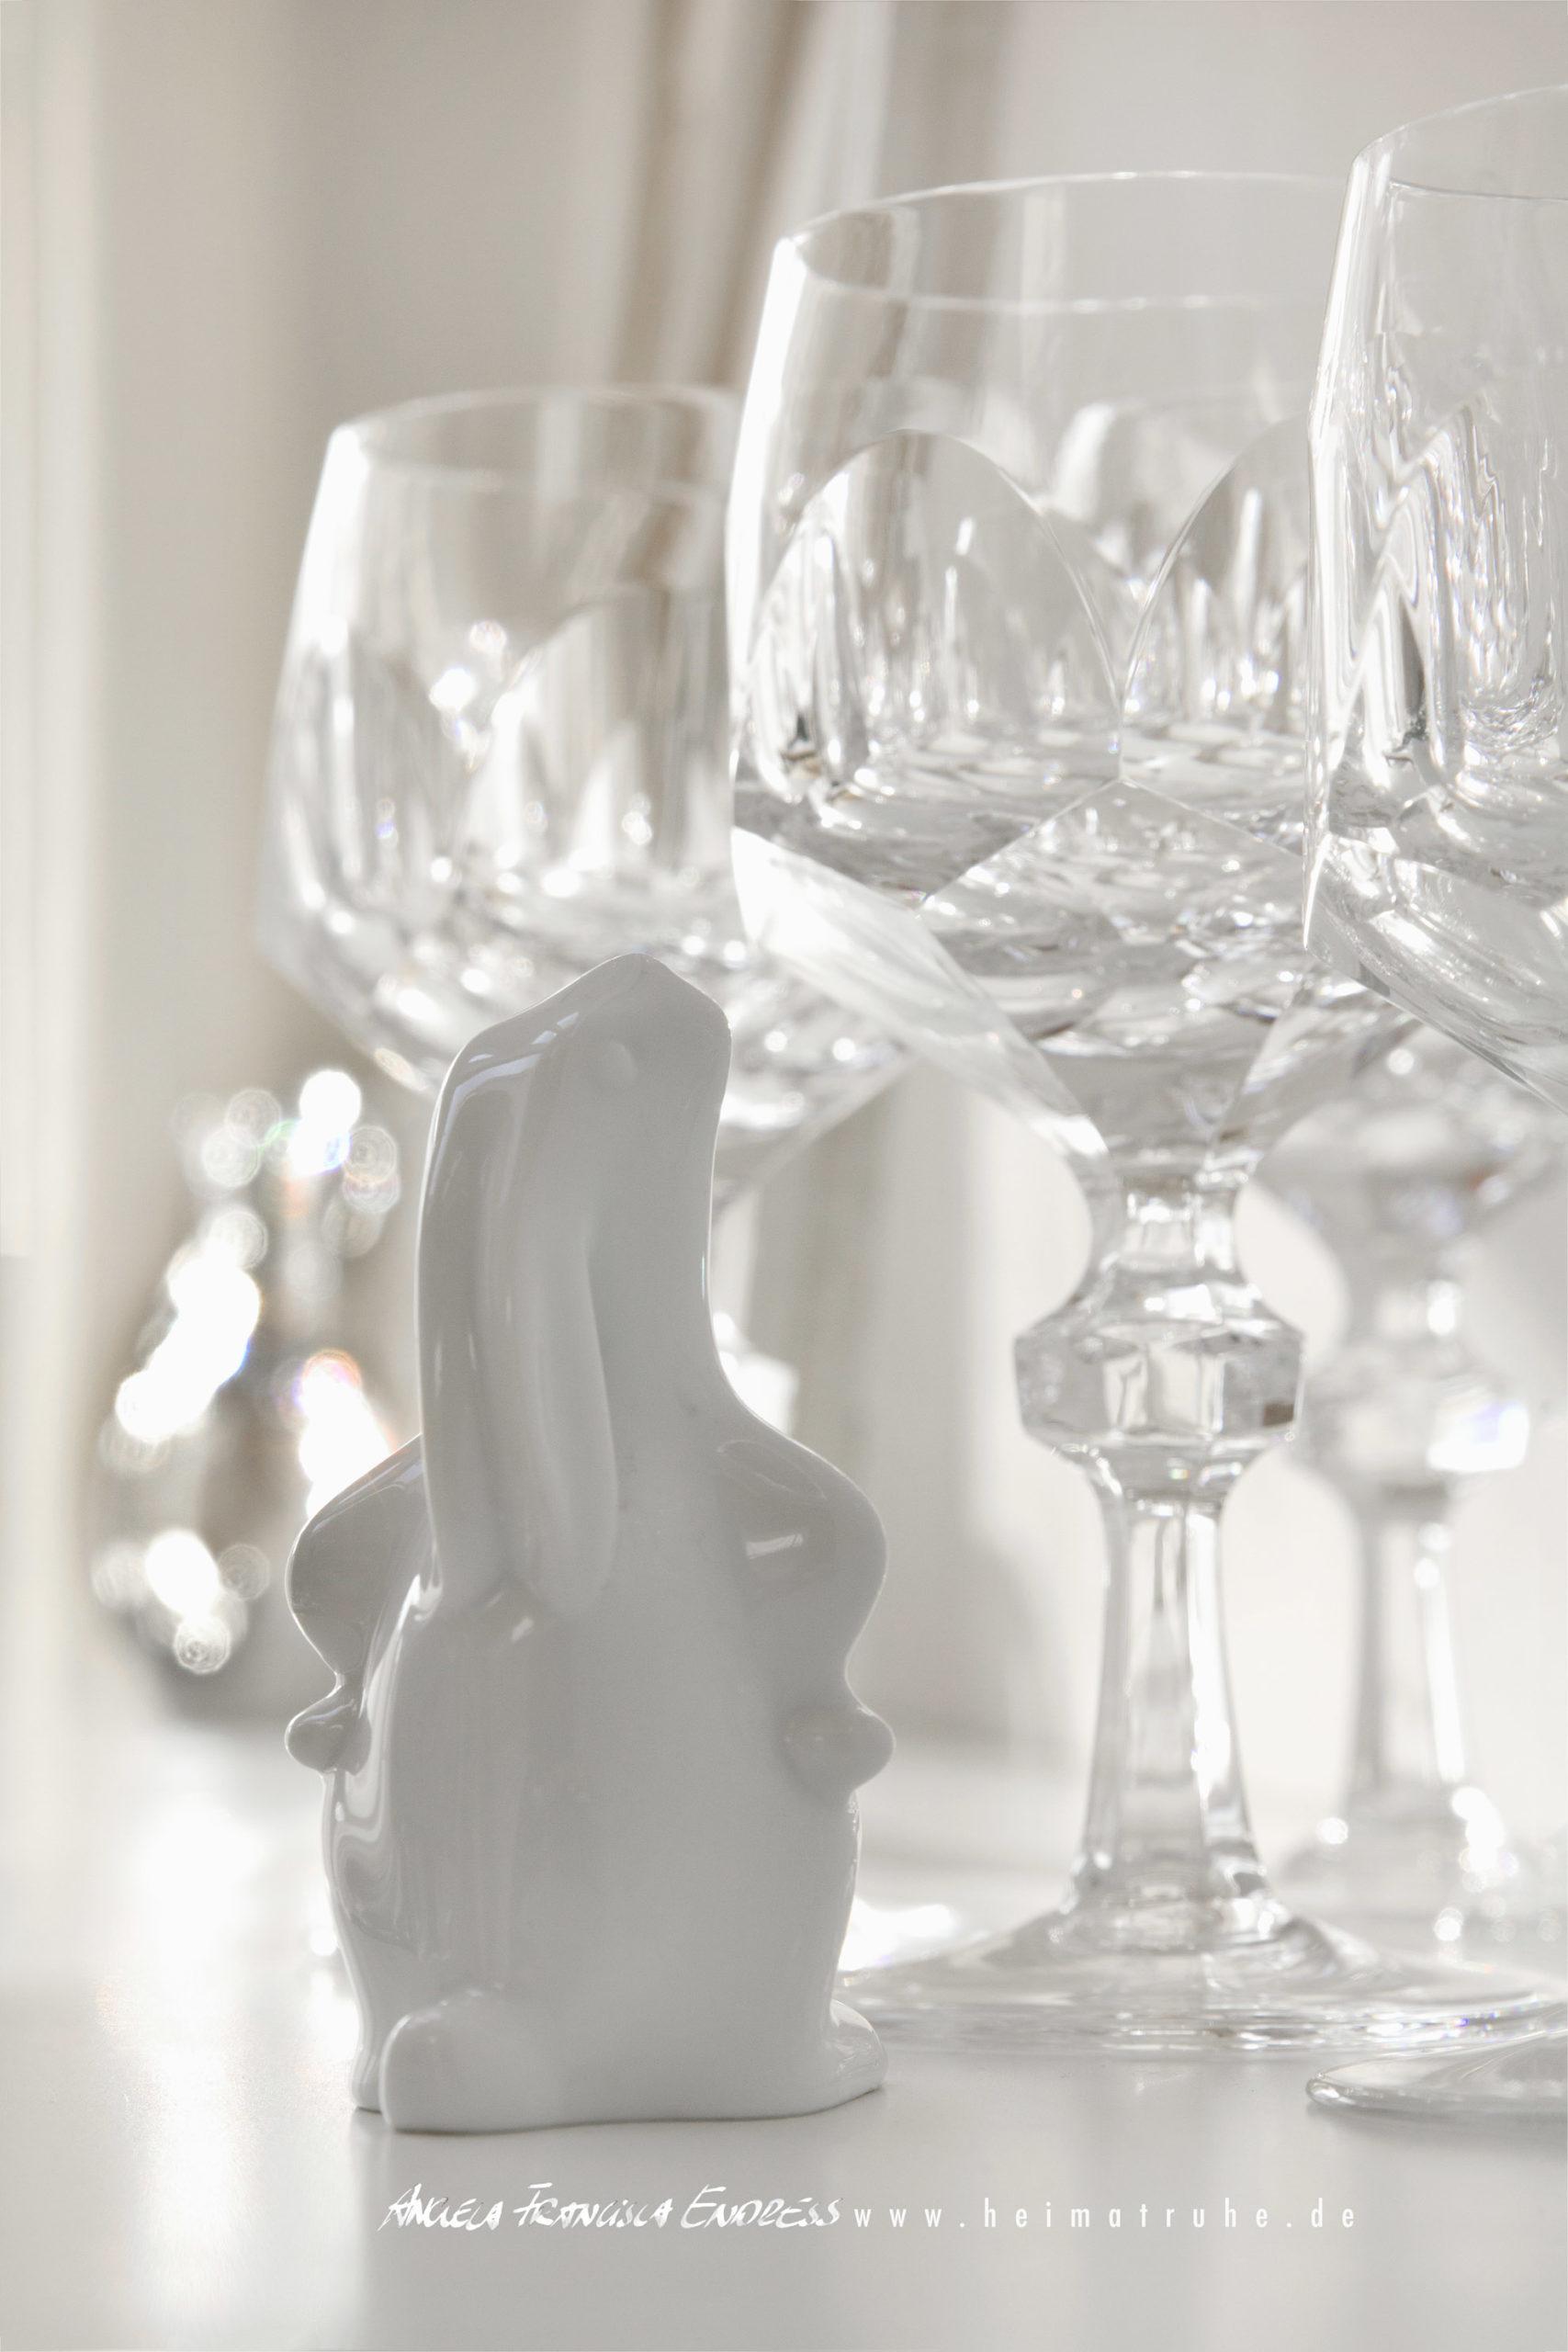 Porzellan Osterhase schaut sich Kristallgläser an